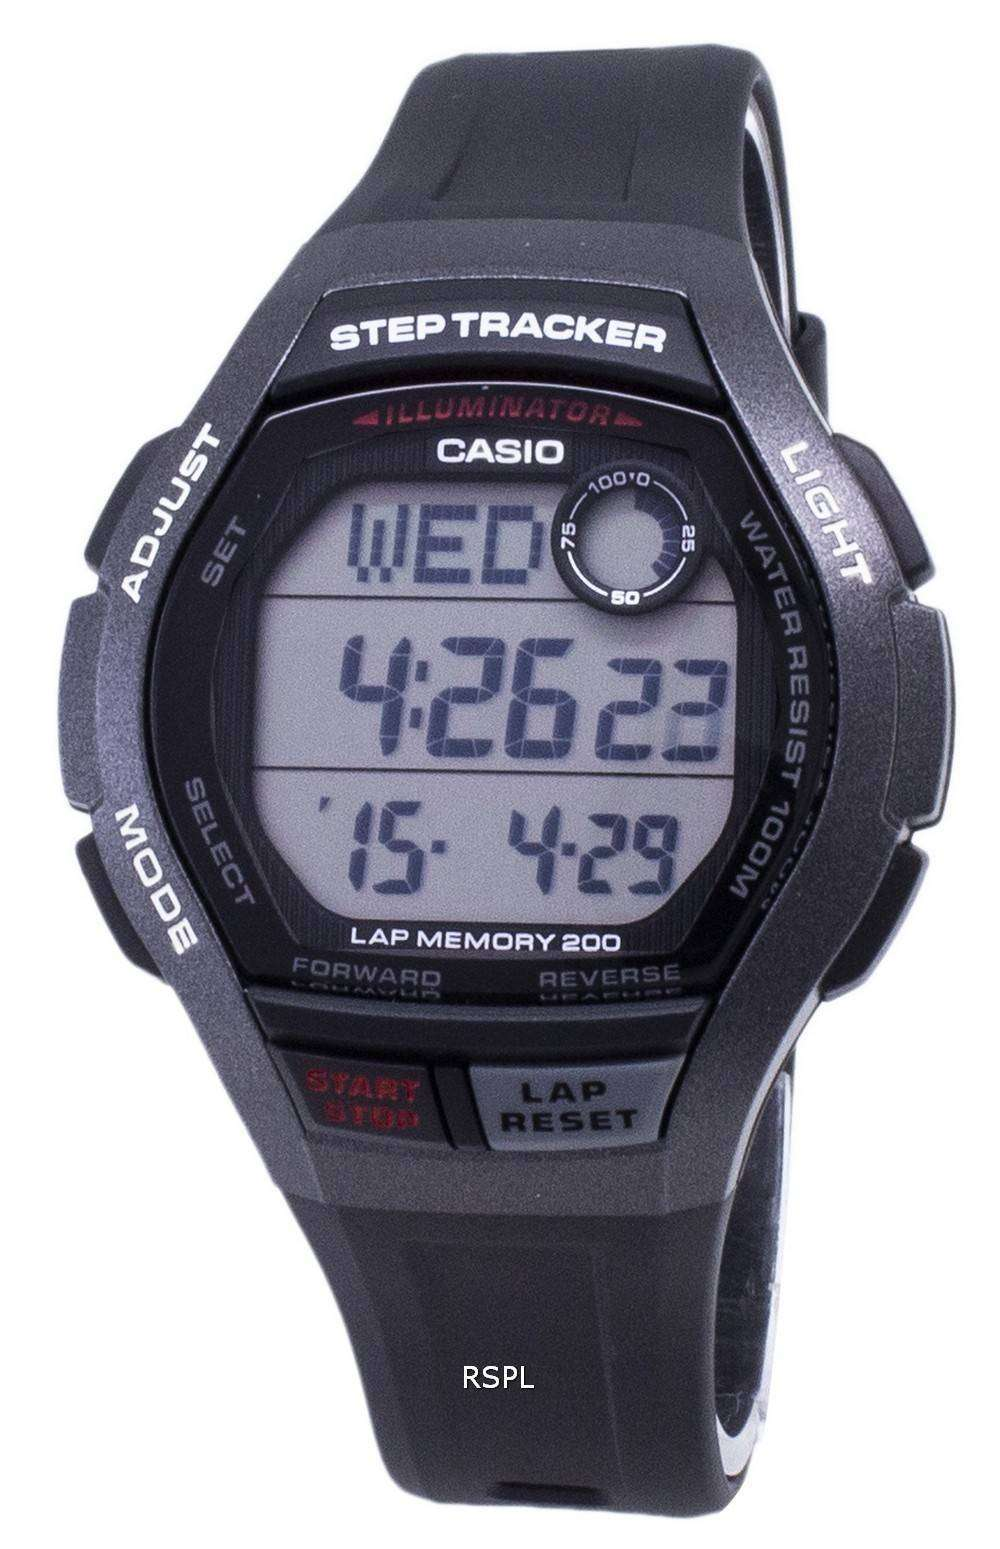 カシオ青年 WS 2000 H 1AV WS2000H-1AV 照明デジタル メンズ腕時計